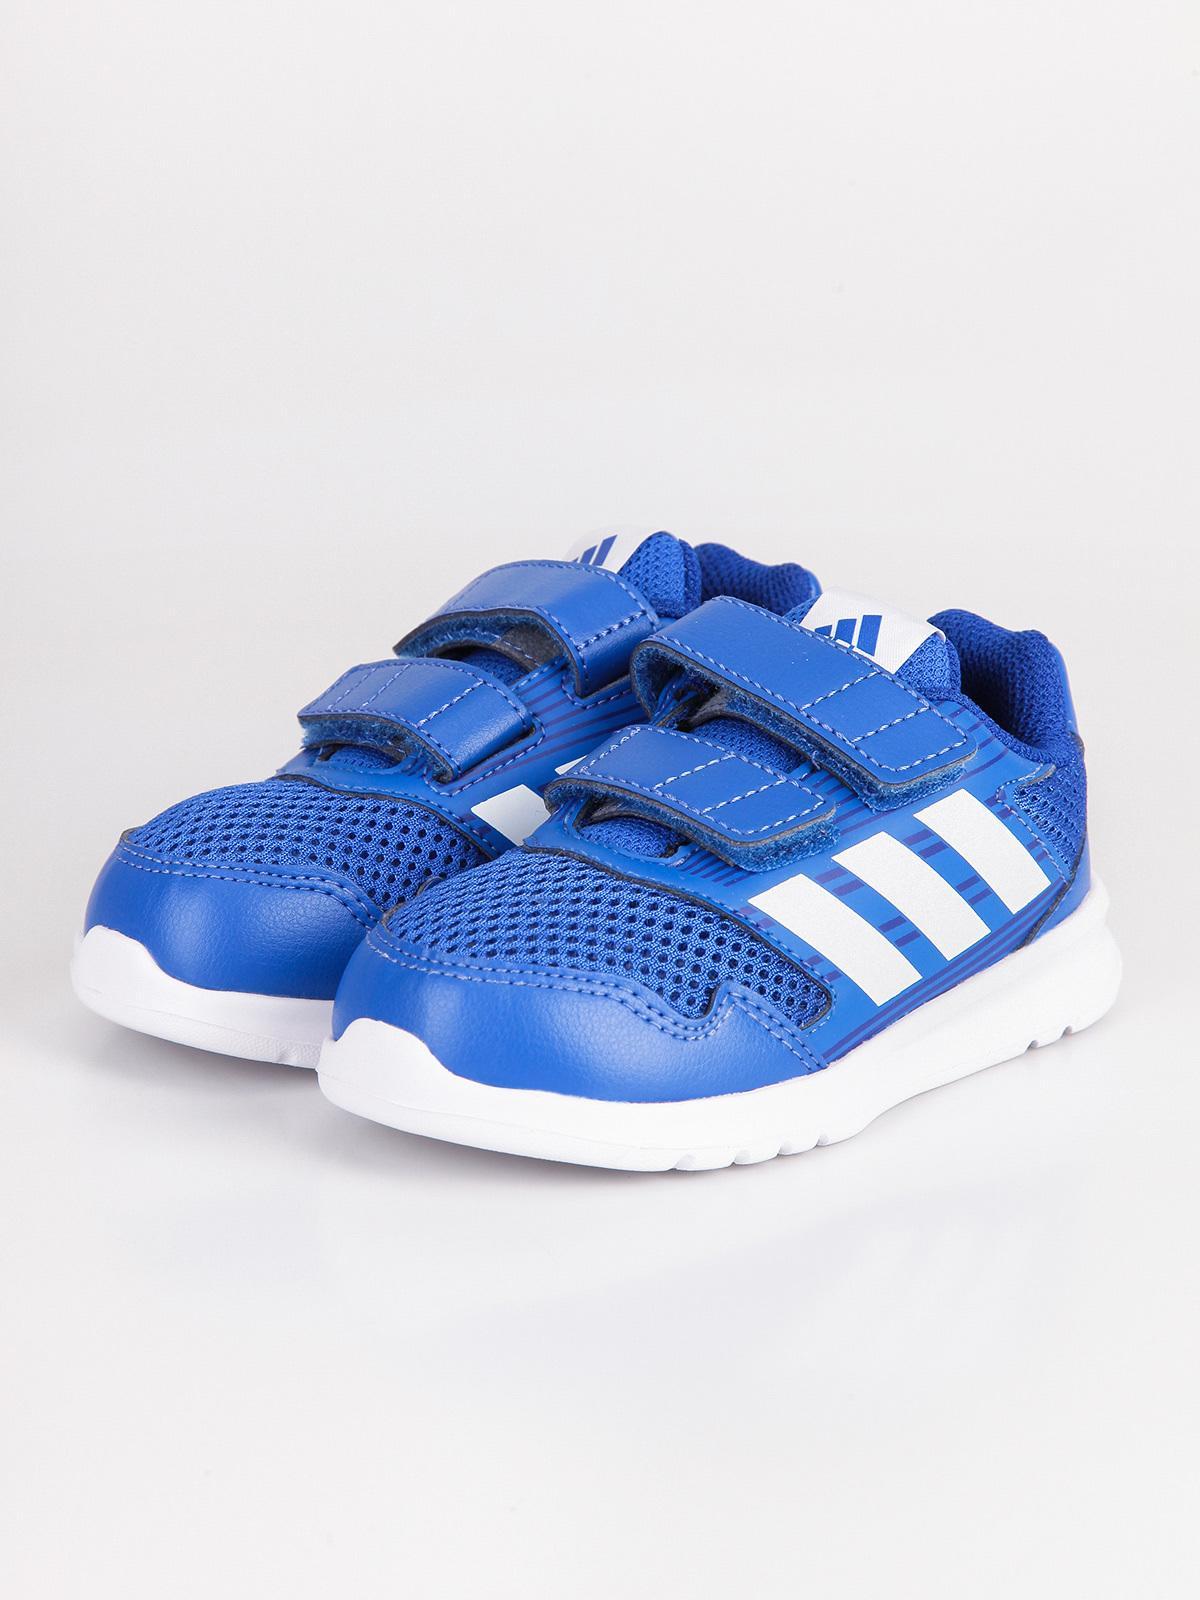 aliexpress scarpe alte dell adidas